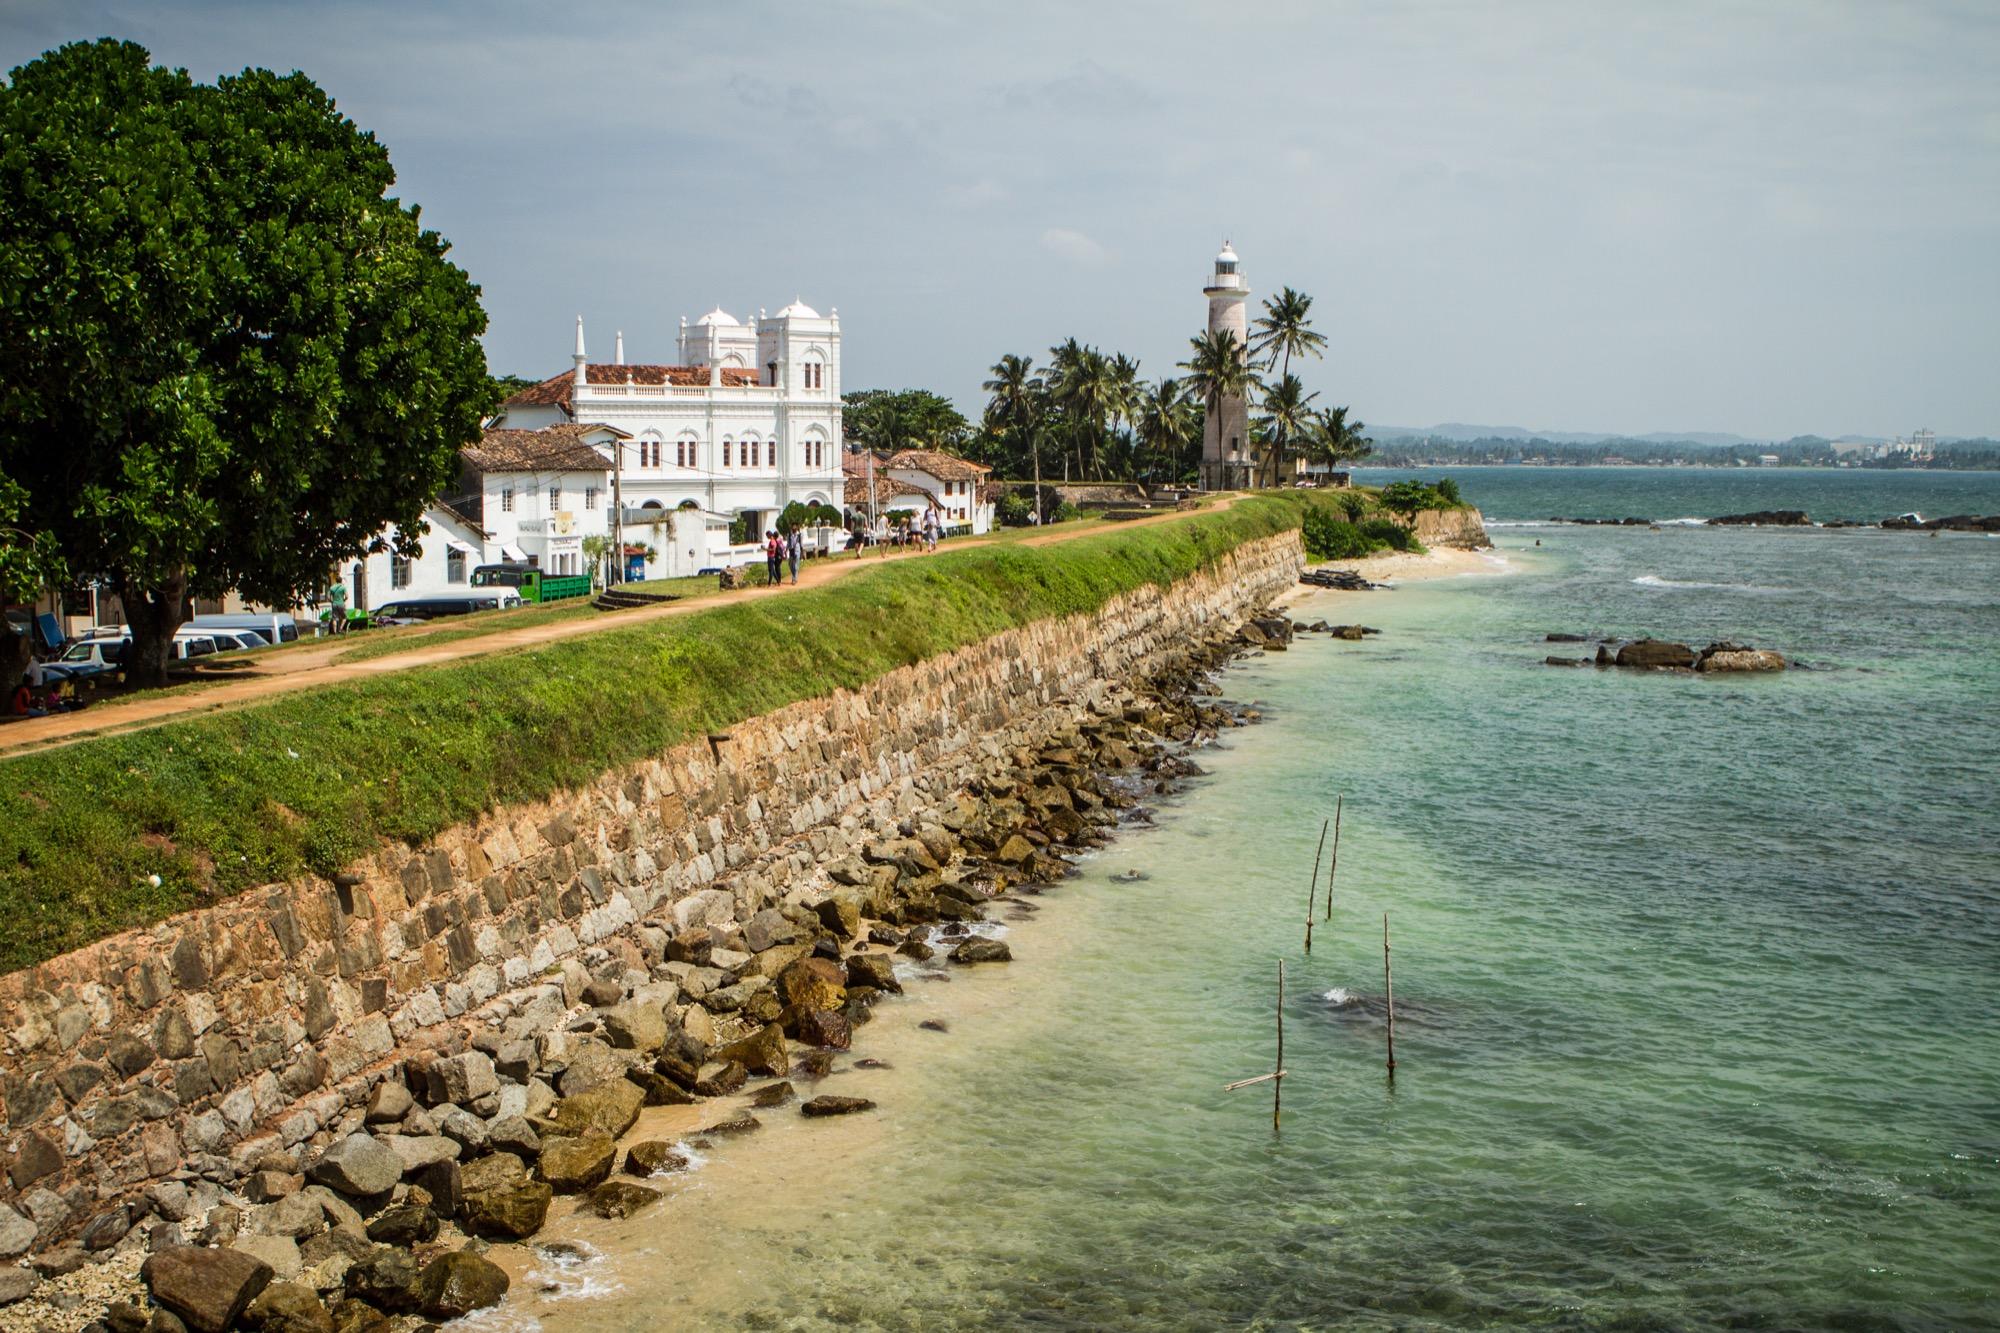 Subaru Sri Lanka >> Découverte des plages d'Unawatuna et du fort de Galle au Sri Lanka